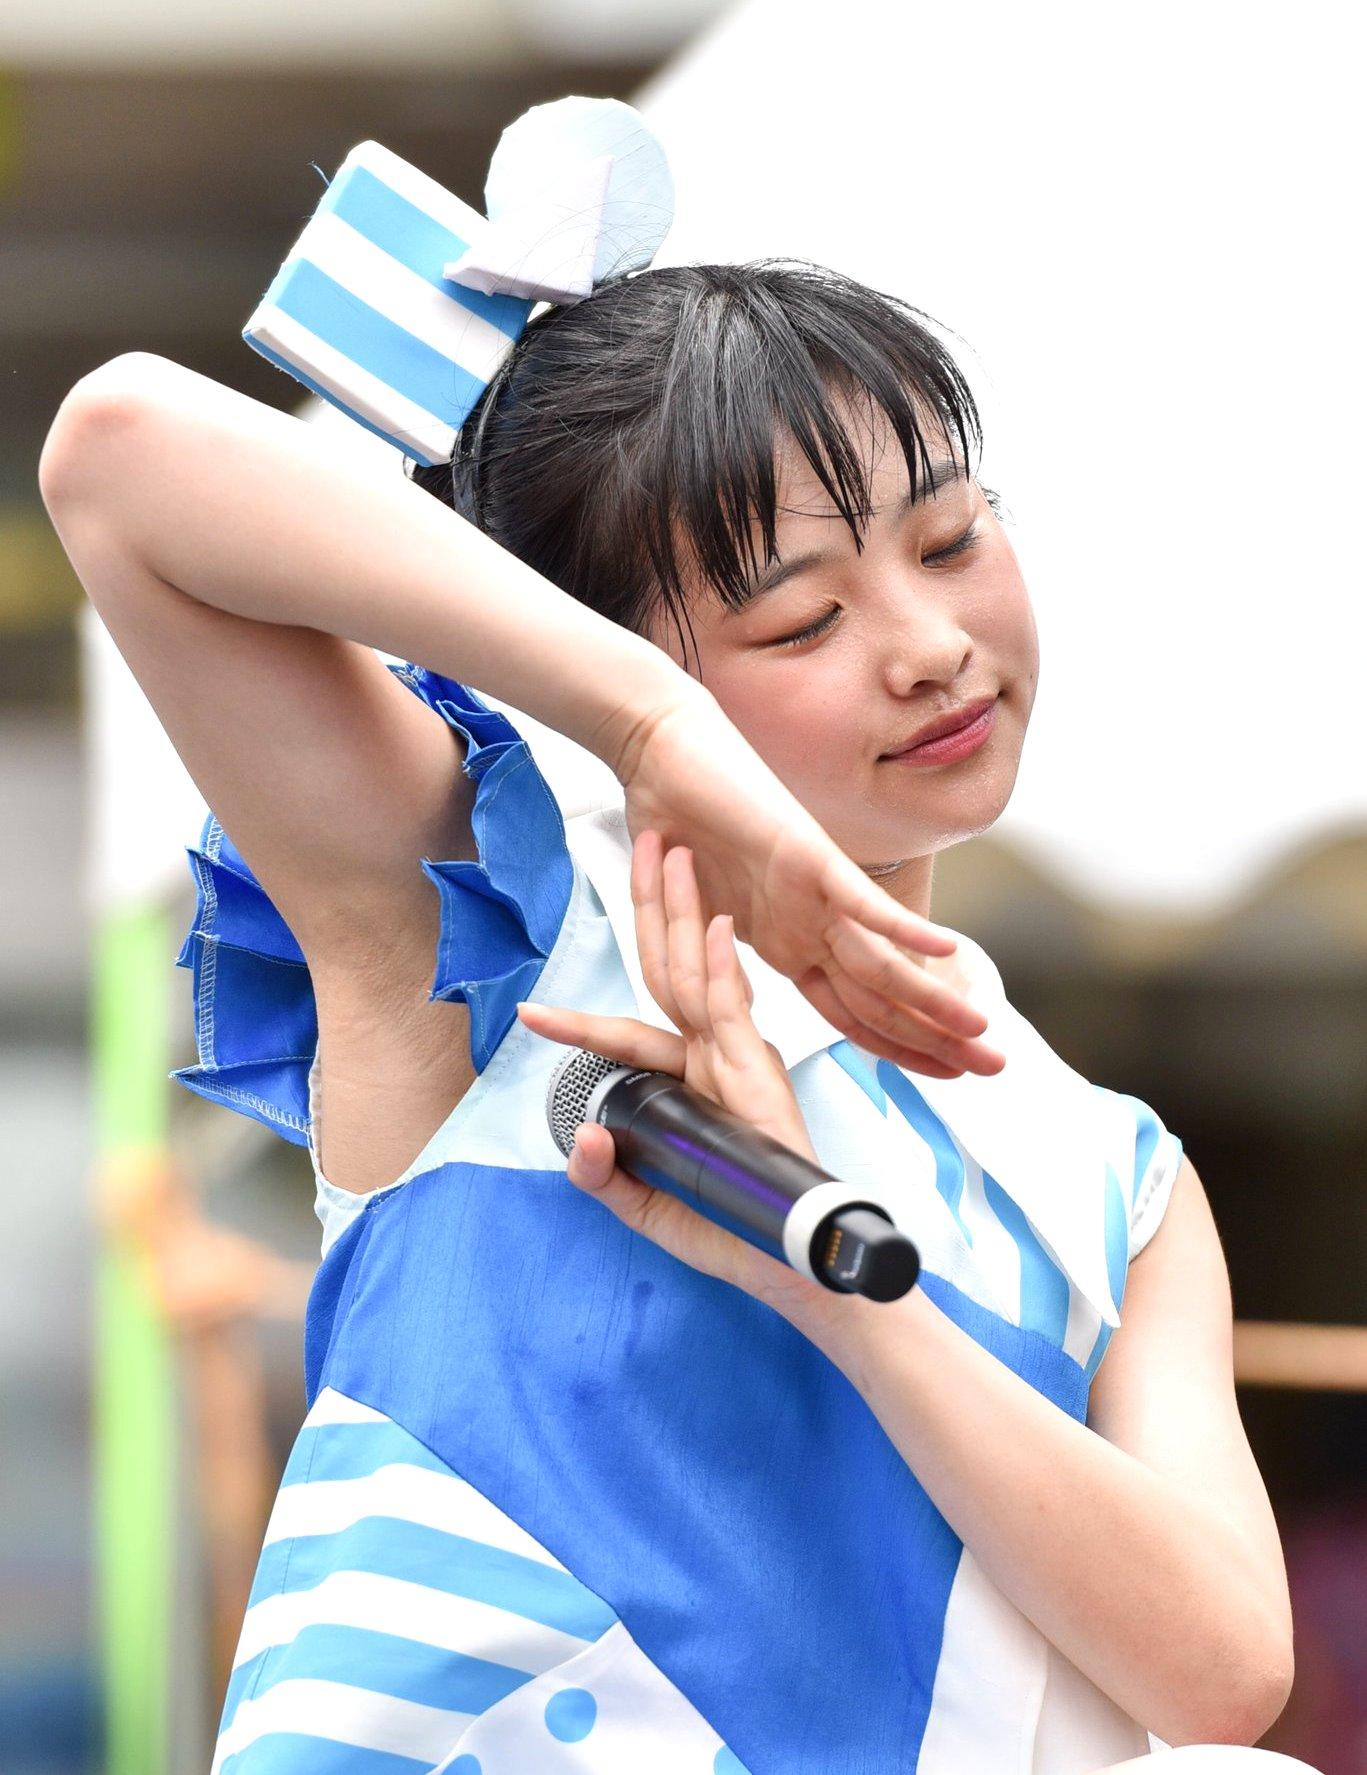 太田和さくらのデカ腋 (8)